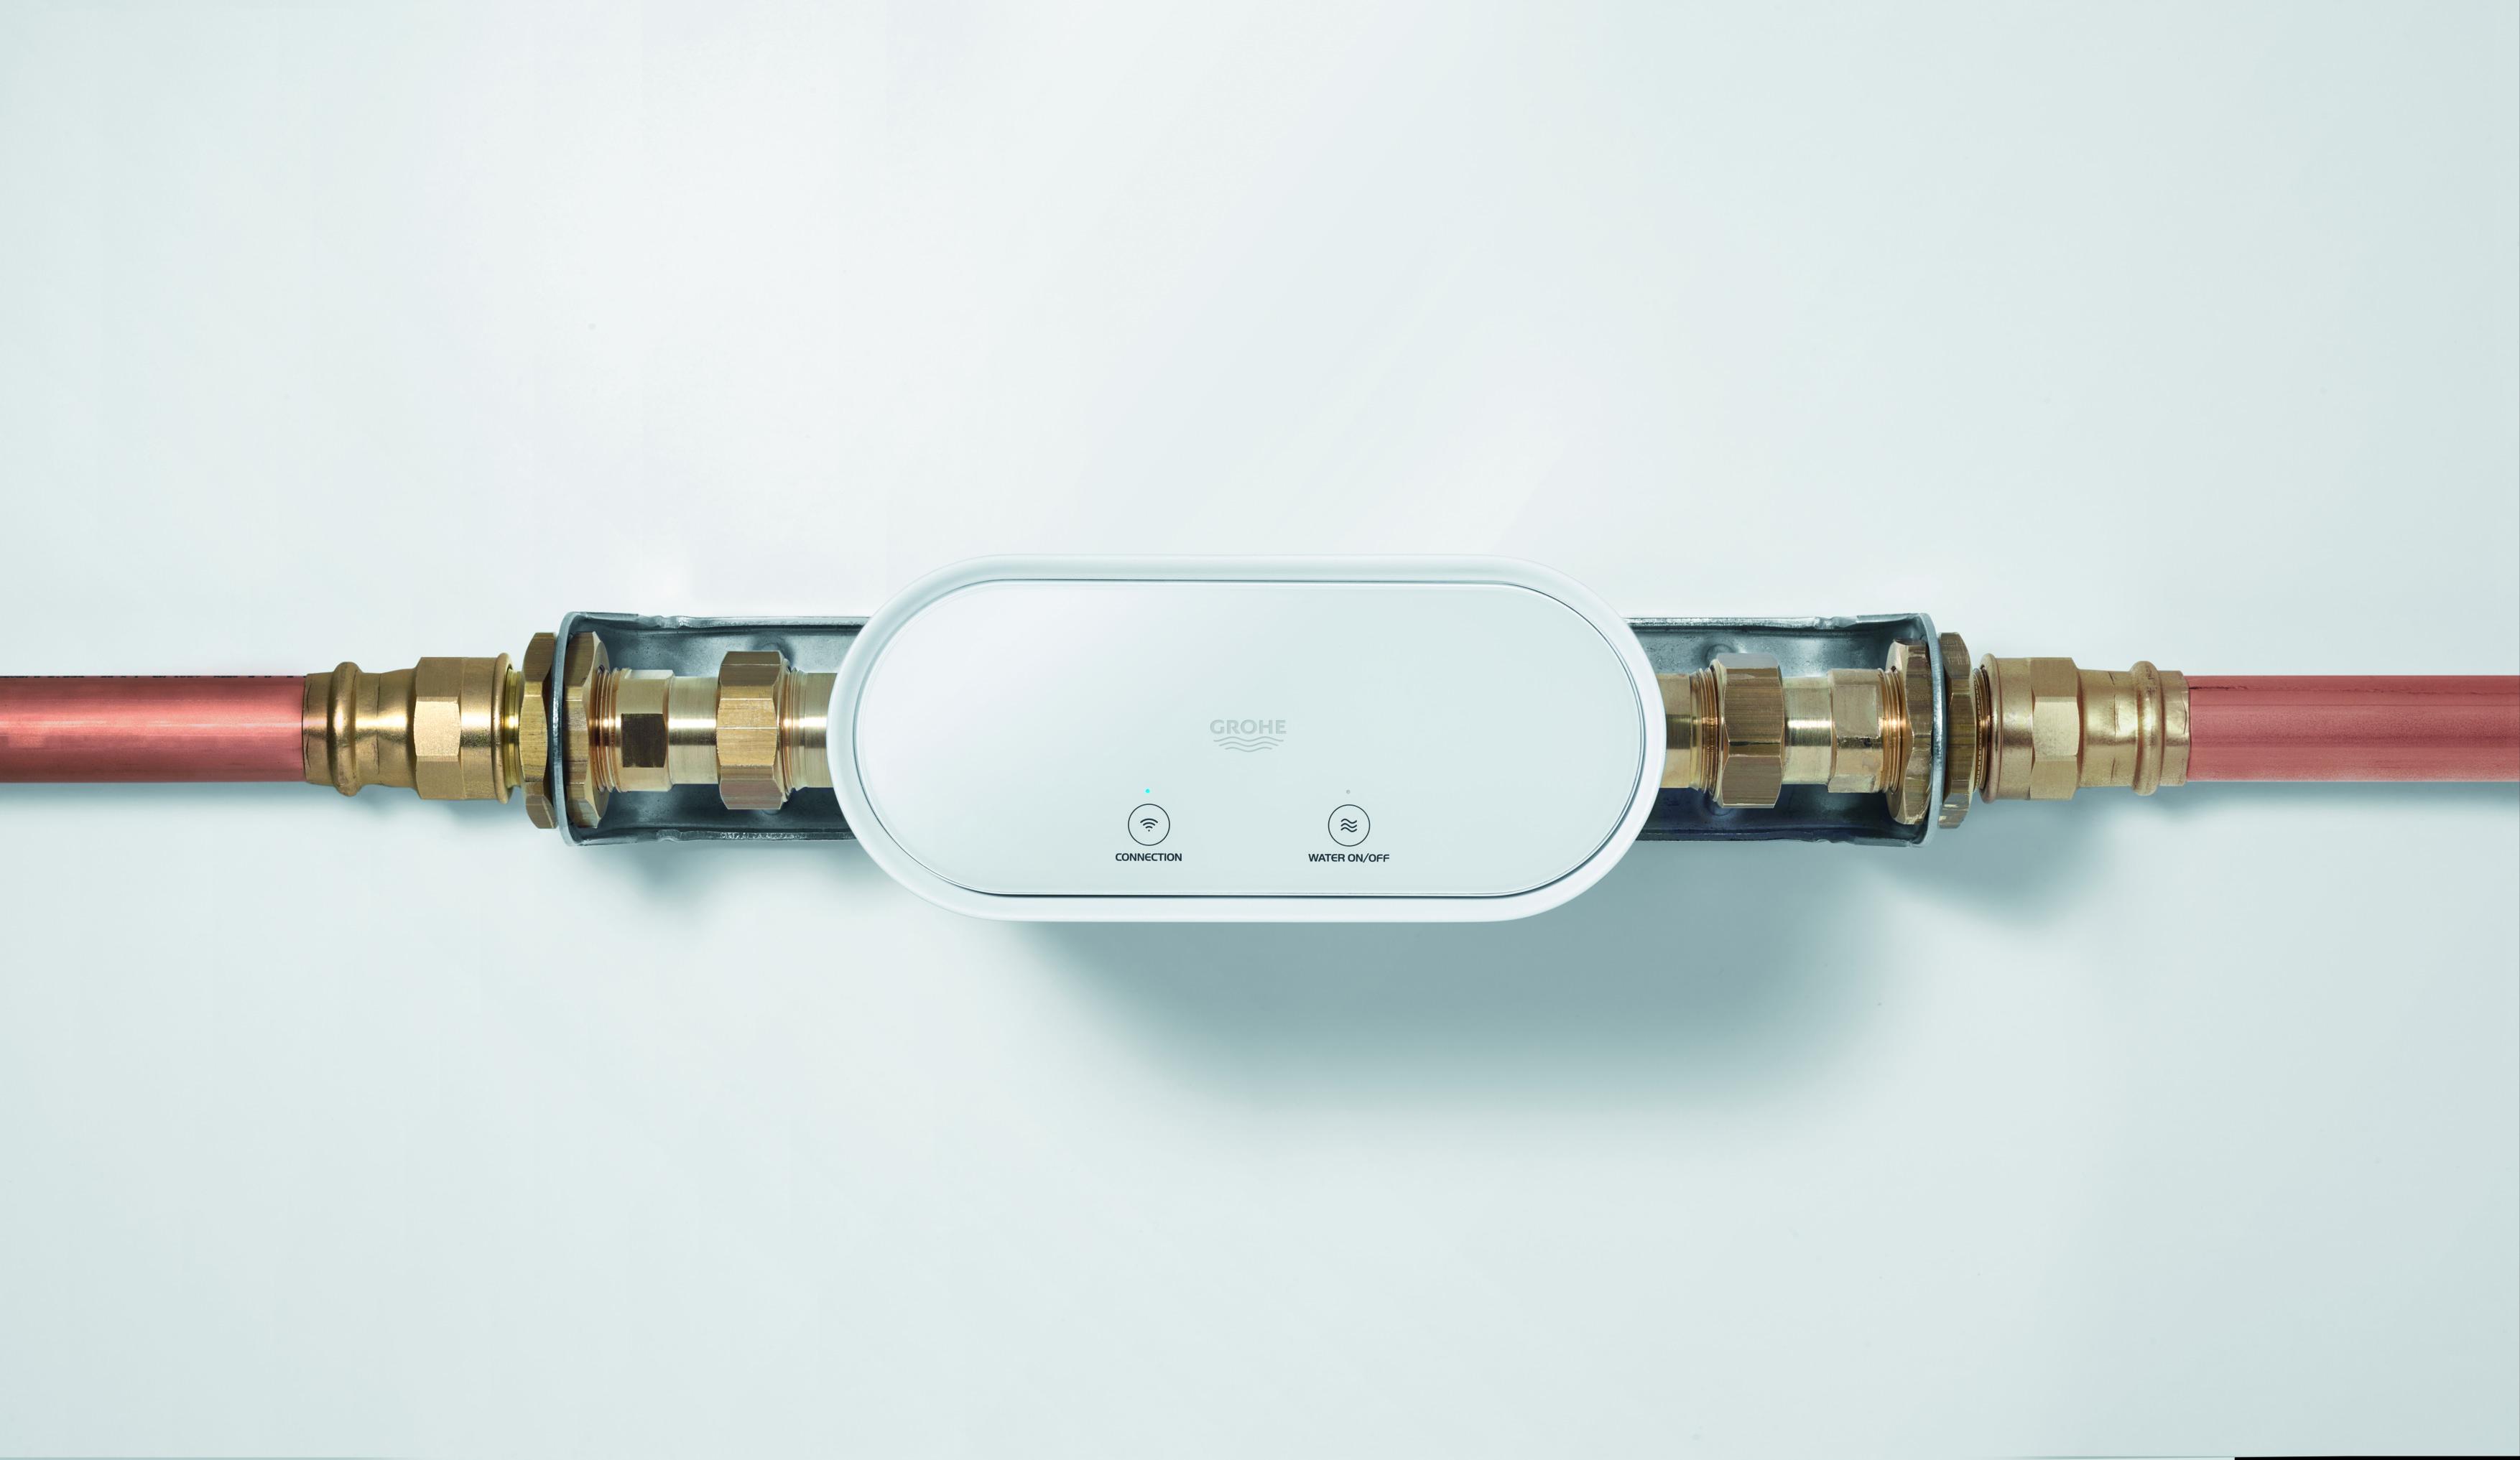 urządzenia do pomiaru zużycia wody Grohe Smart Guard